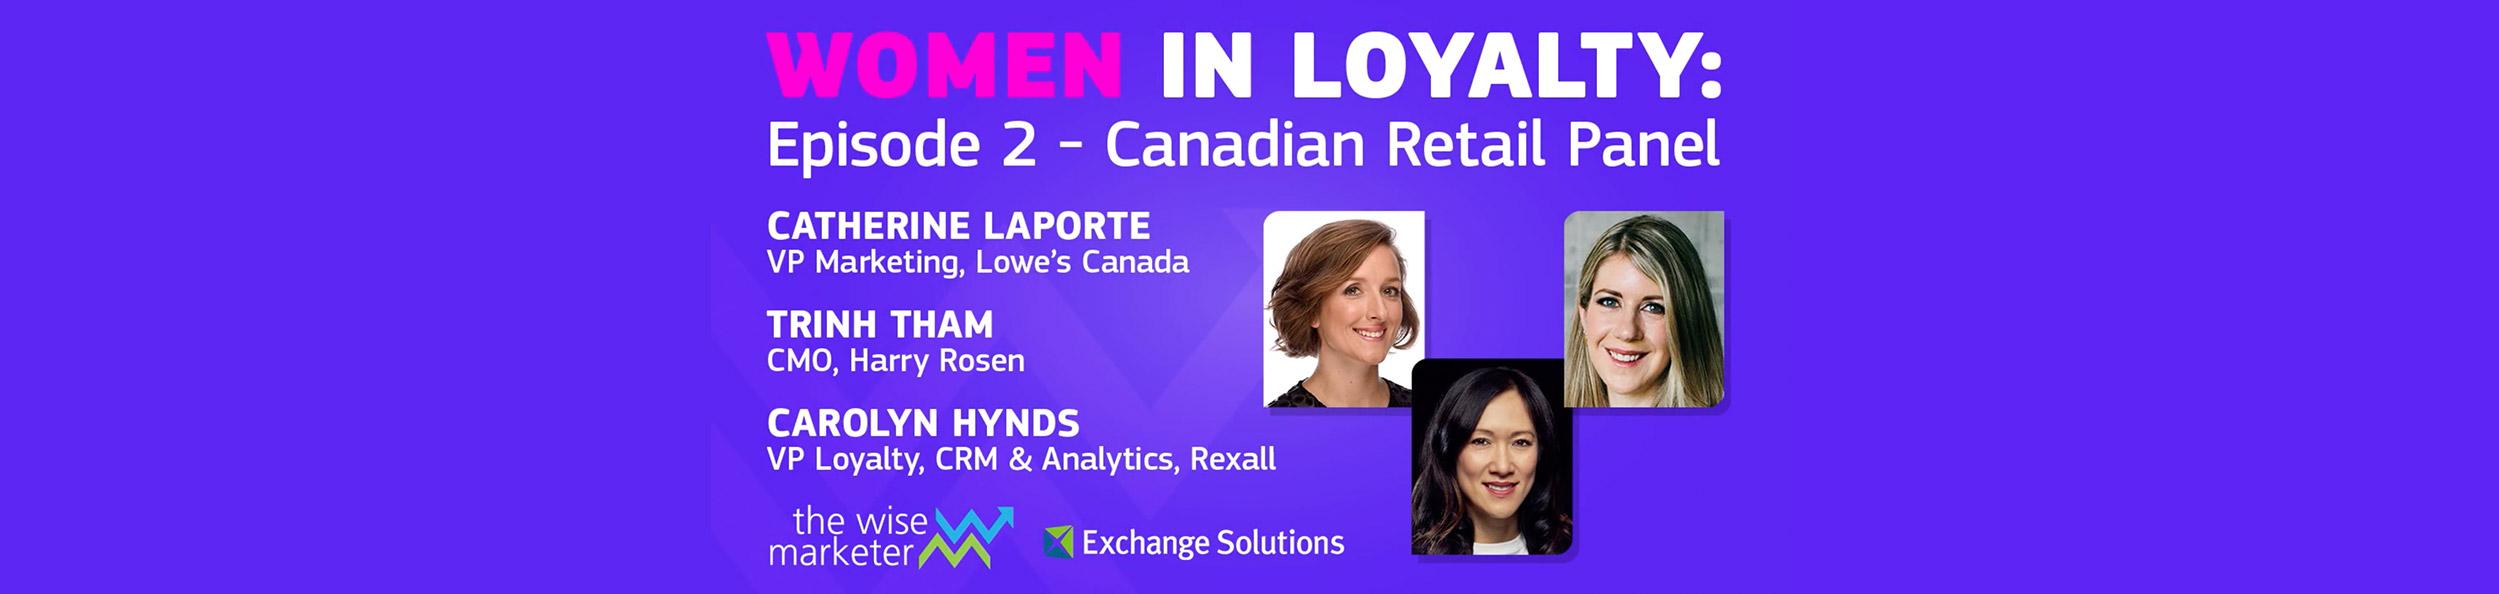 Women in Loyalty - Episode 2